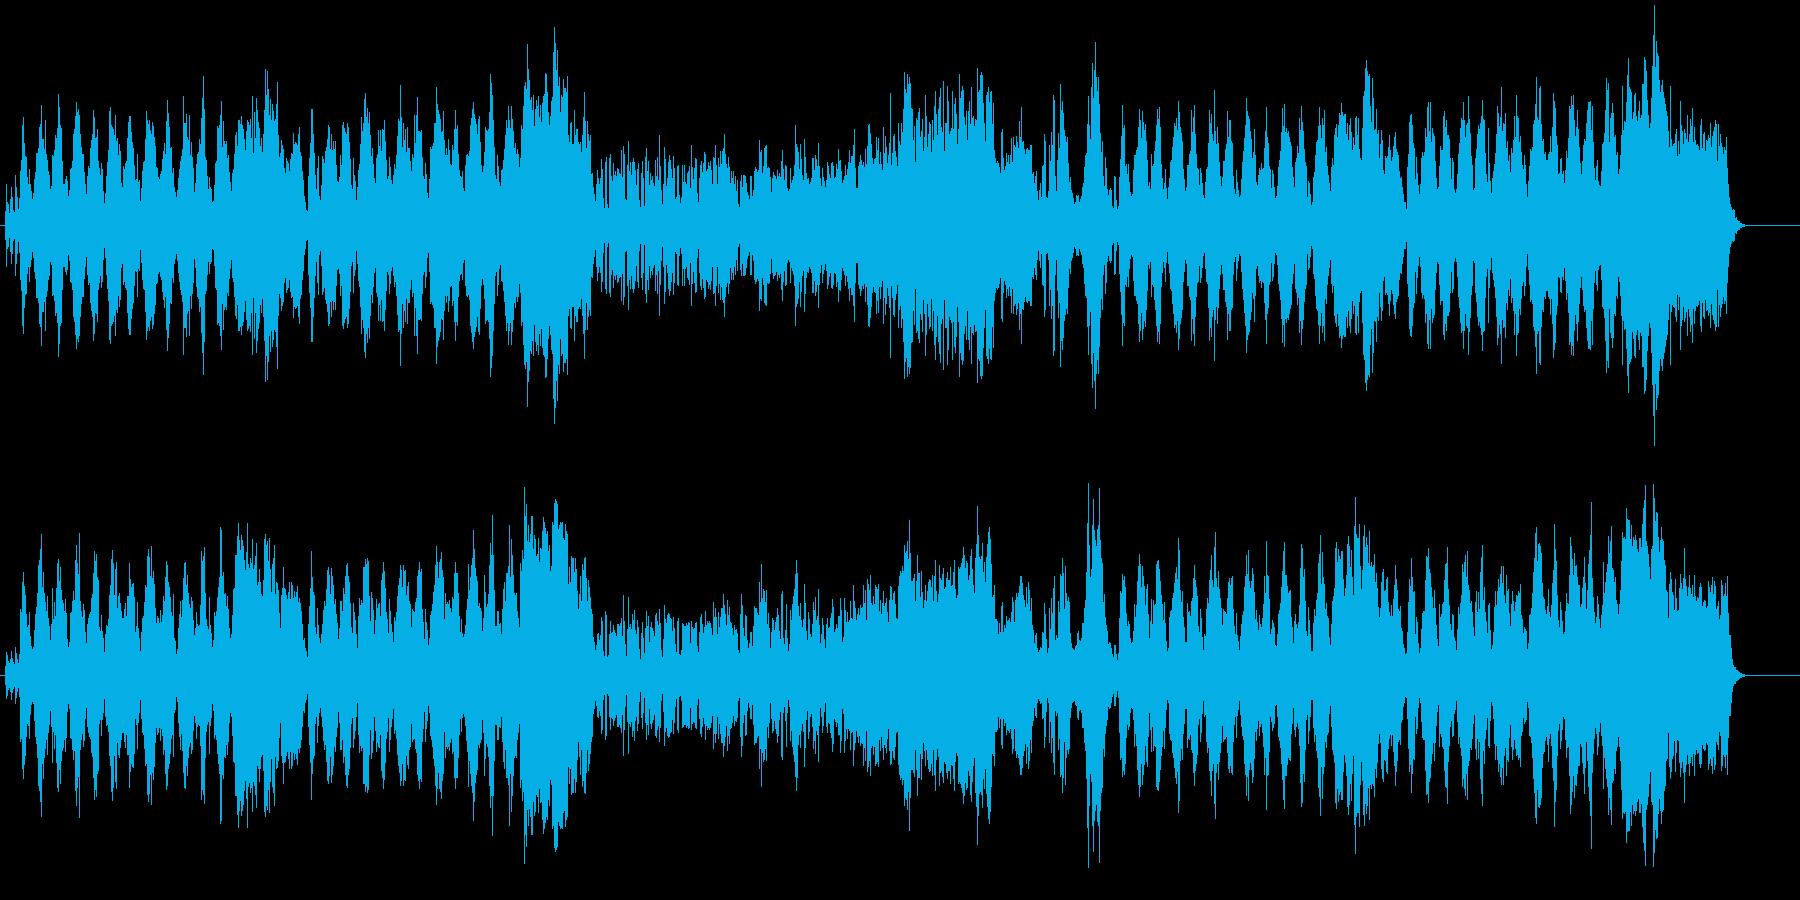 バロック調ウェディング・セレモニーの再生済みの波形